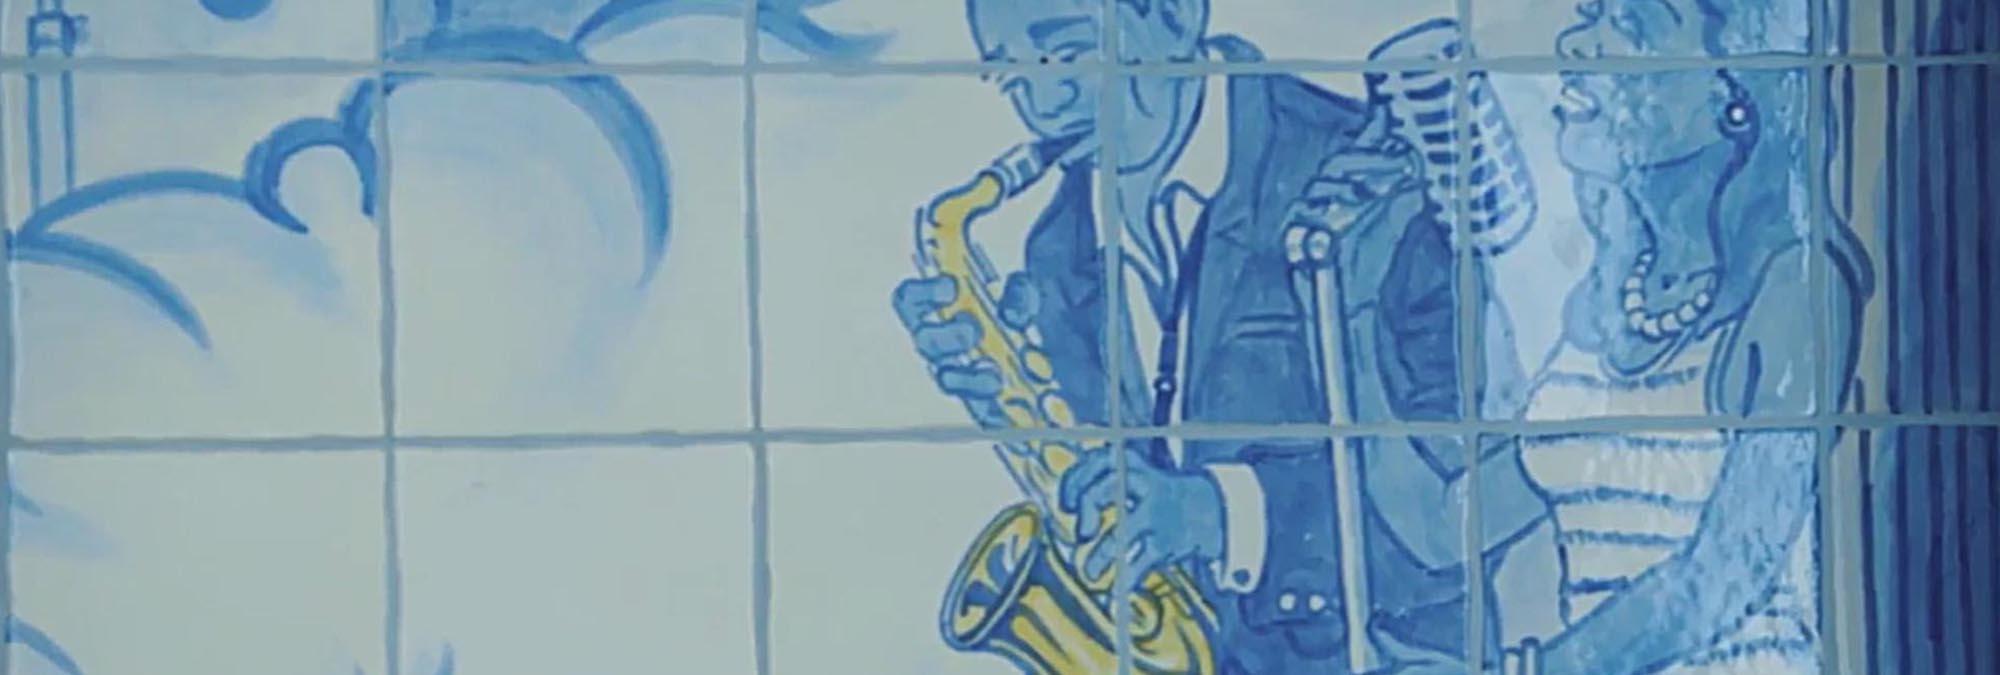 Saxophone mural